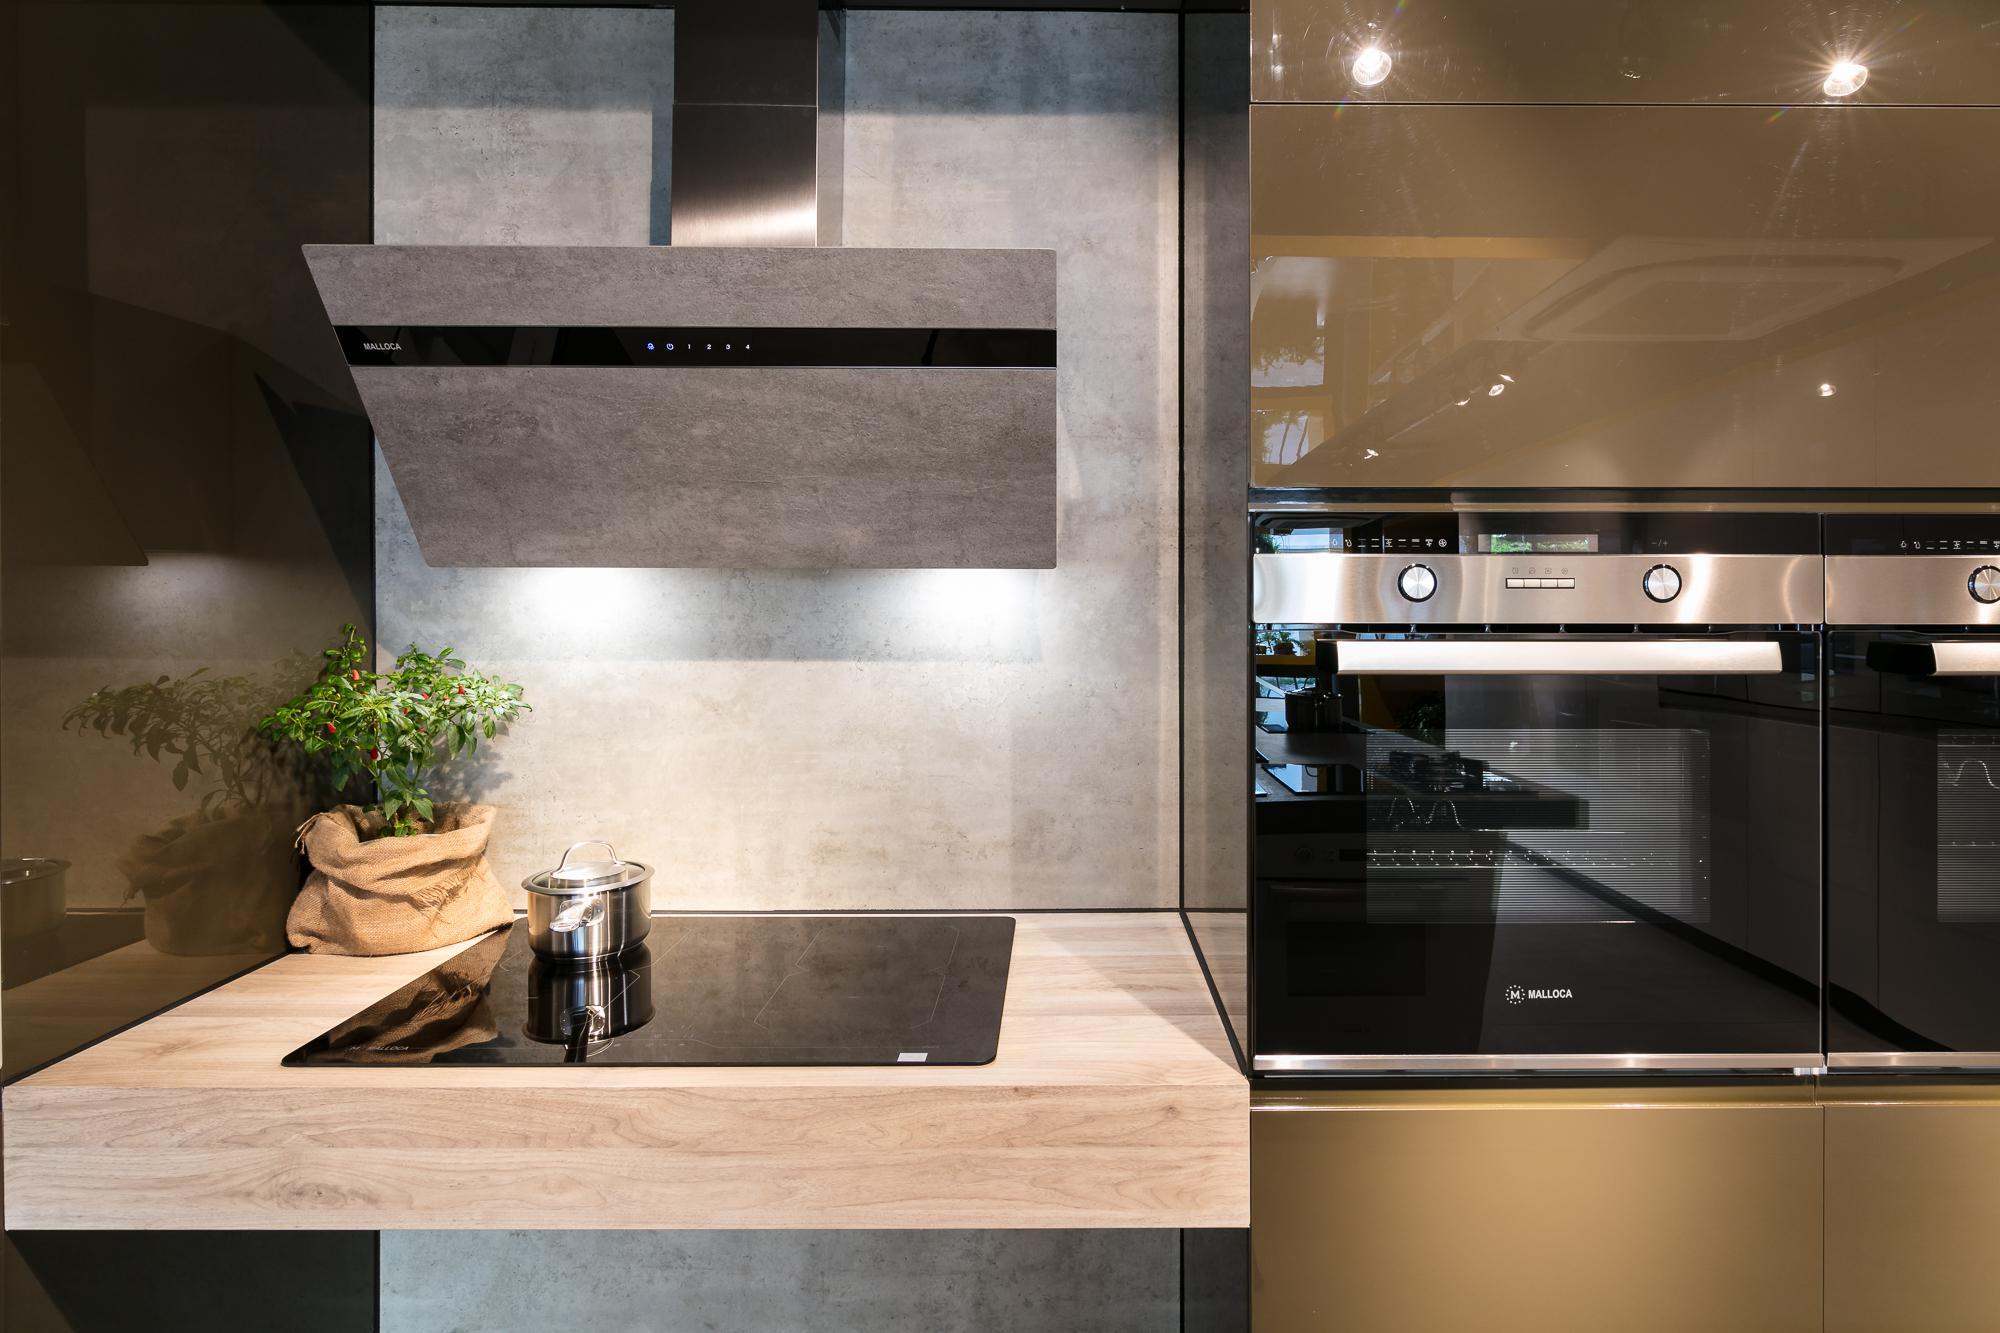 Những đồ gia dụng không thể thiếu trong bếp hiện đại